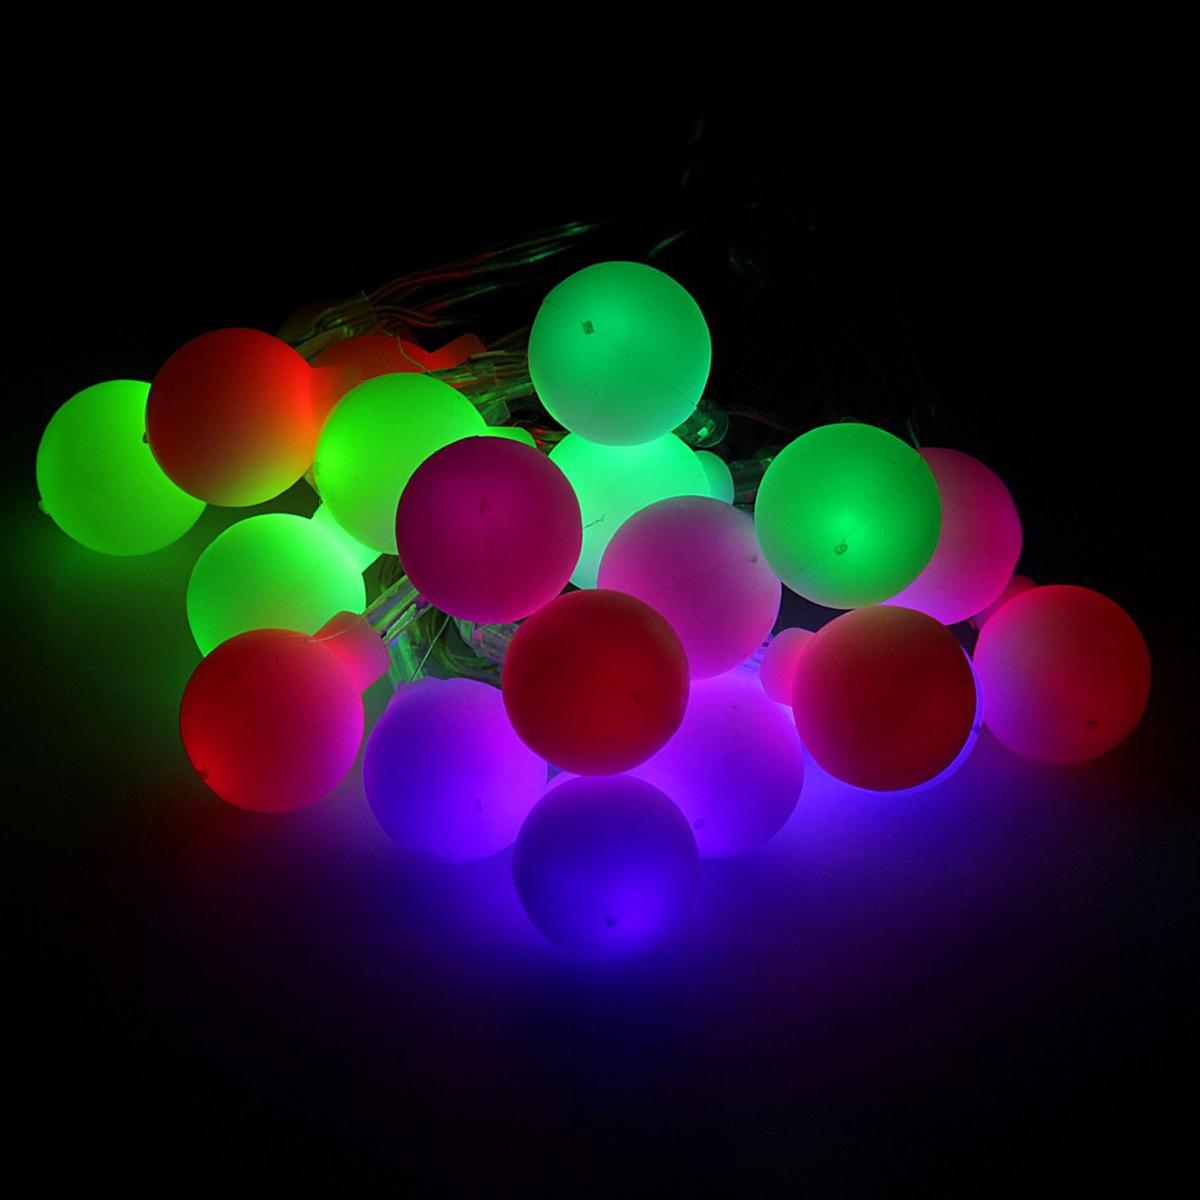 Гирлянда светодиодная Luazon Метраж. Шарики, 20 ламп, 3,6 V, длина 3 м806824Светодиодные гирлянды и ленты — это отличный вариант для новогоднего оформления интерьера или фасада. С их помощью помещение любого размера можно превратить в праздничный зал, а внешние элементы зданий, украшенные ими, мгновенно станут напоминать очертания сказочного дворца. Такие украшения создают ауру предвкушения чуда. Деревья, фасады, витрины, окна и арки будто специально созданы, чтобы вы украсили их светящимися нитями.